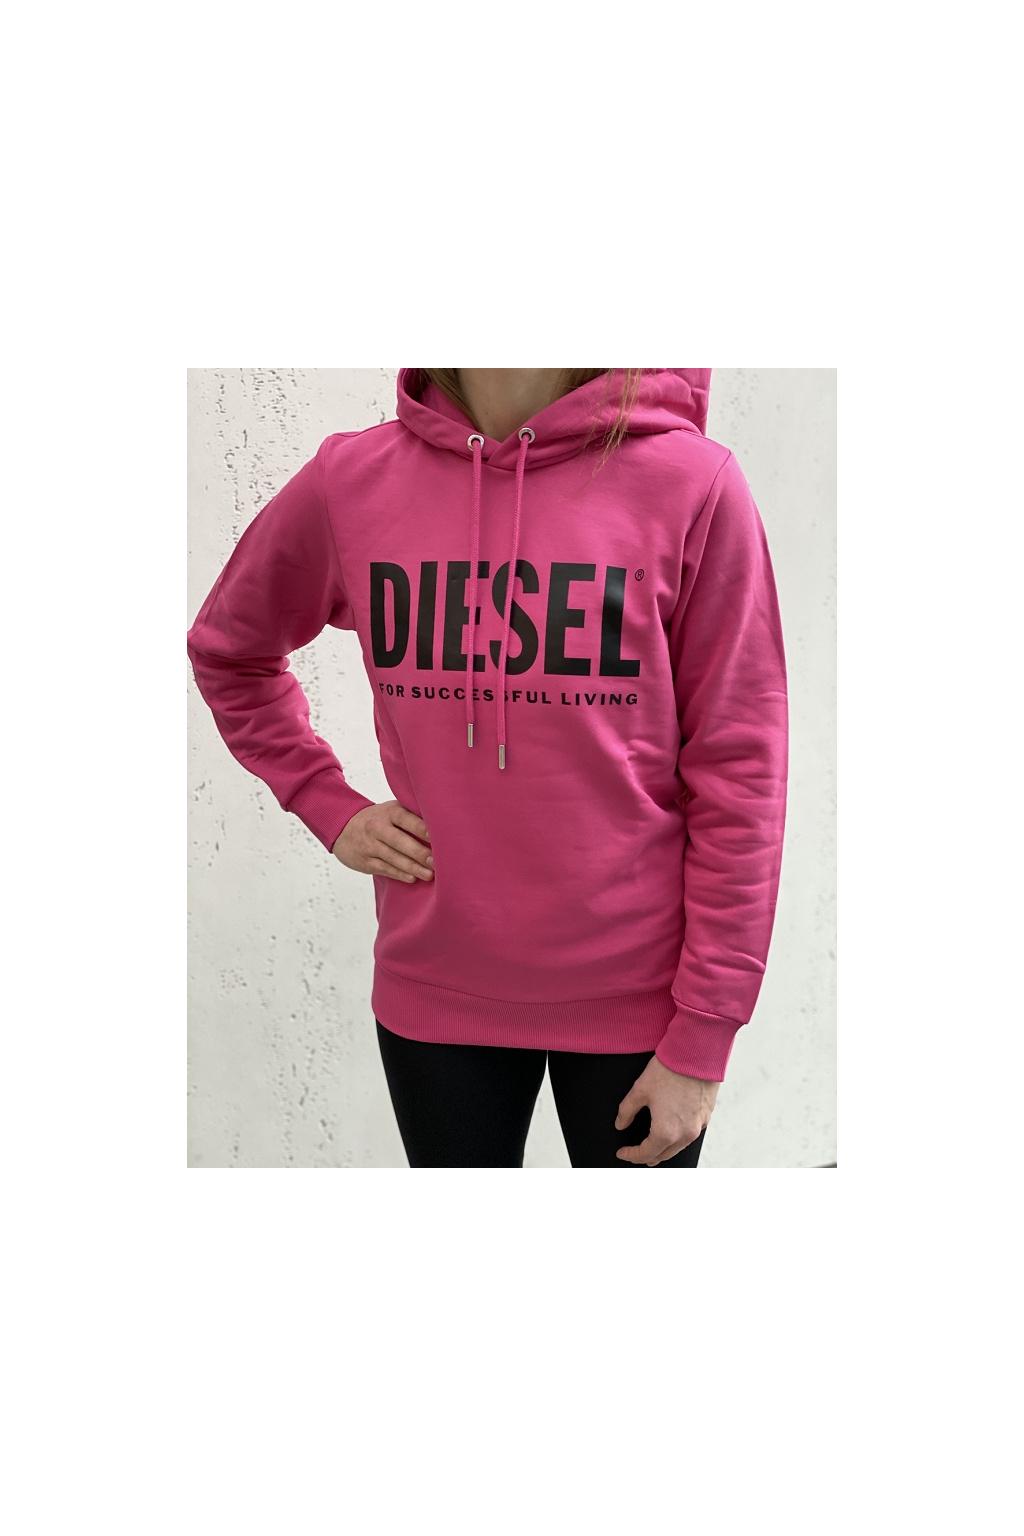 00SAQJ 0BAWT3BG Dámská mikina Diesel S Gir Hood Division Logo růžová